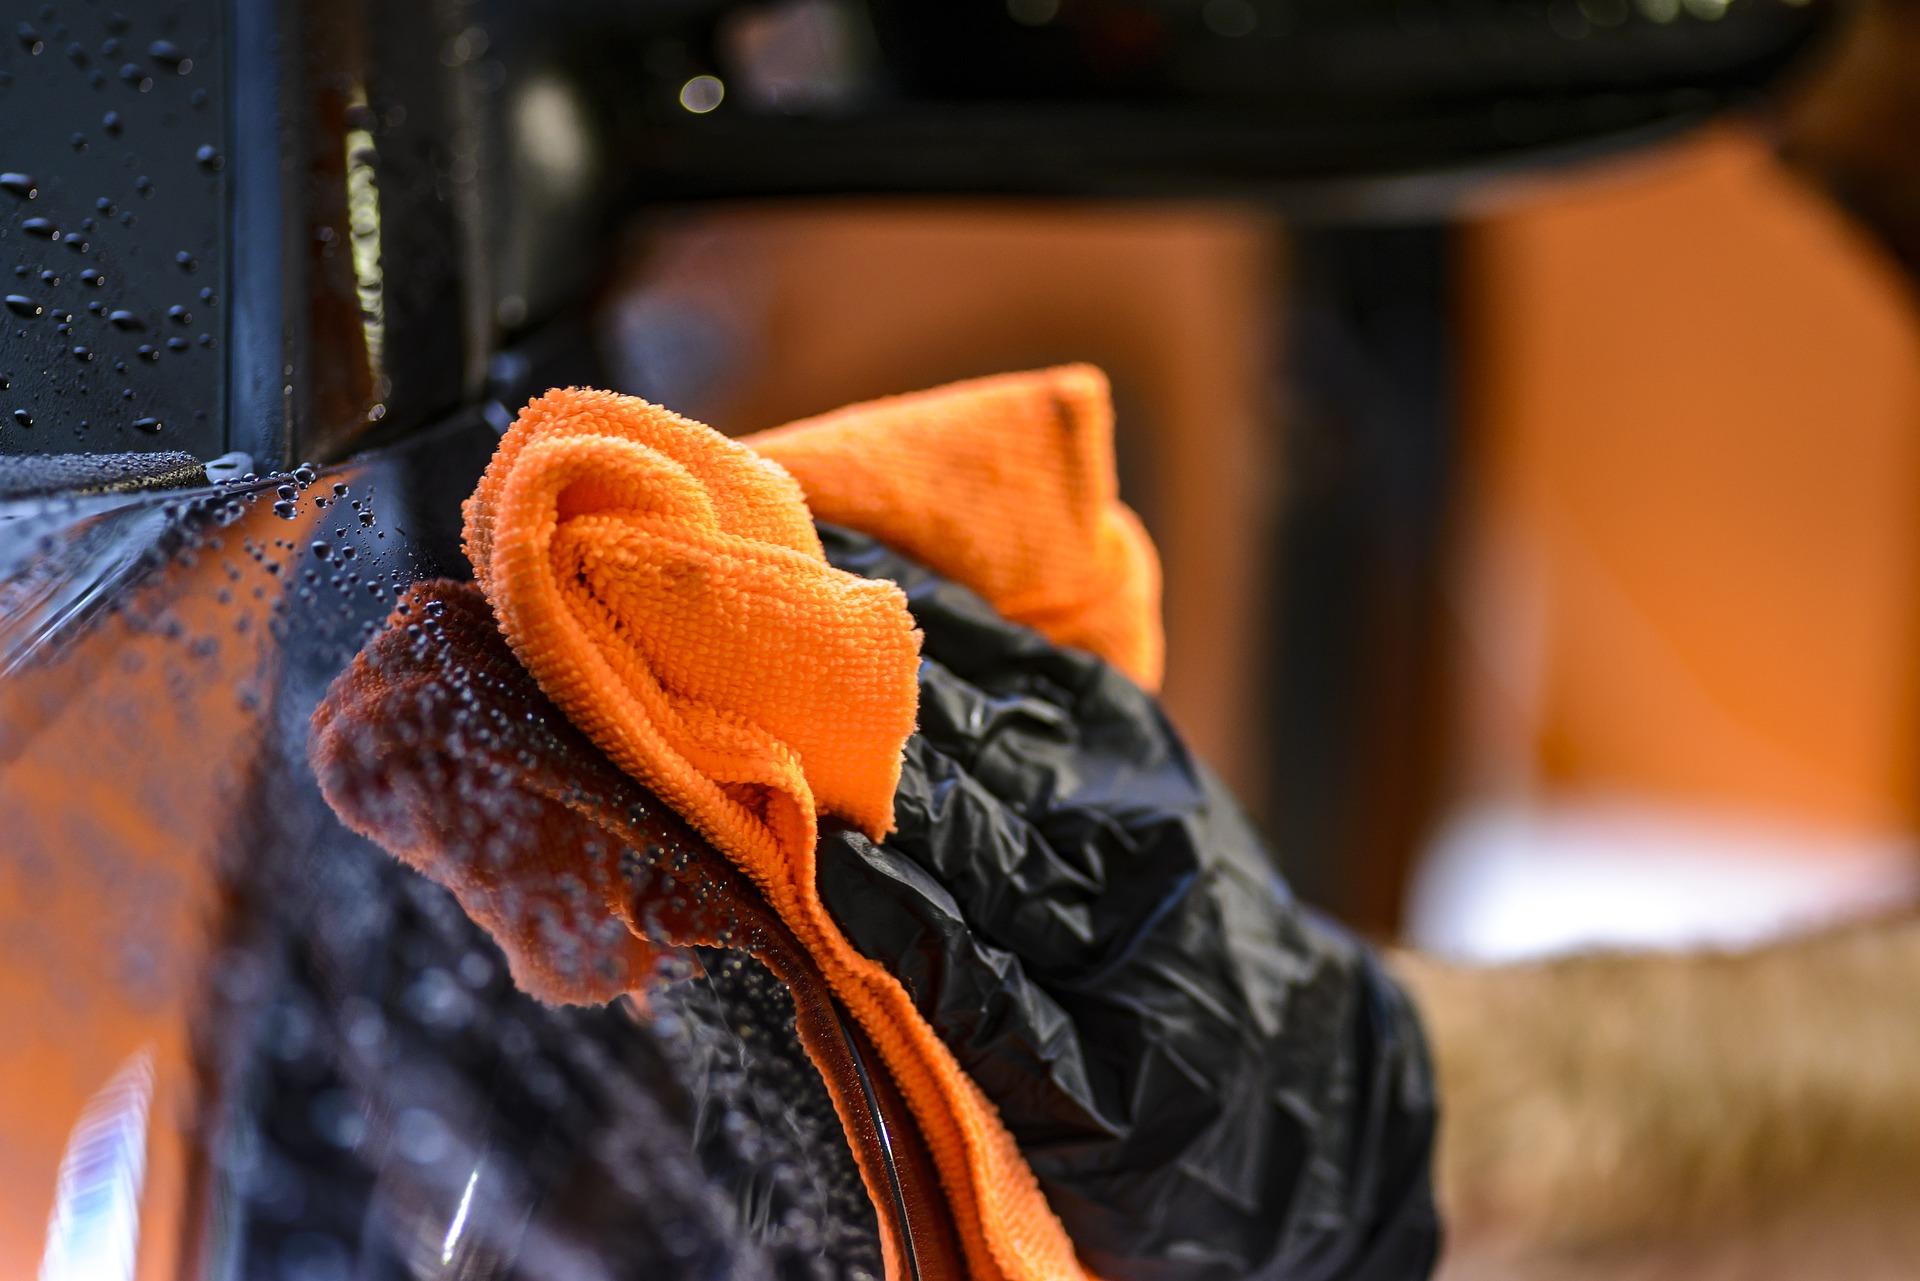 lavage voiture savon noir savon de castille